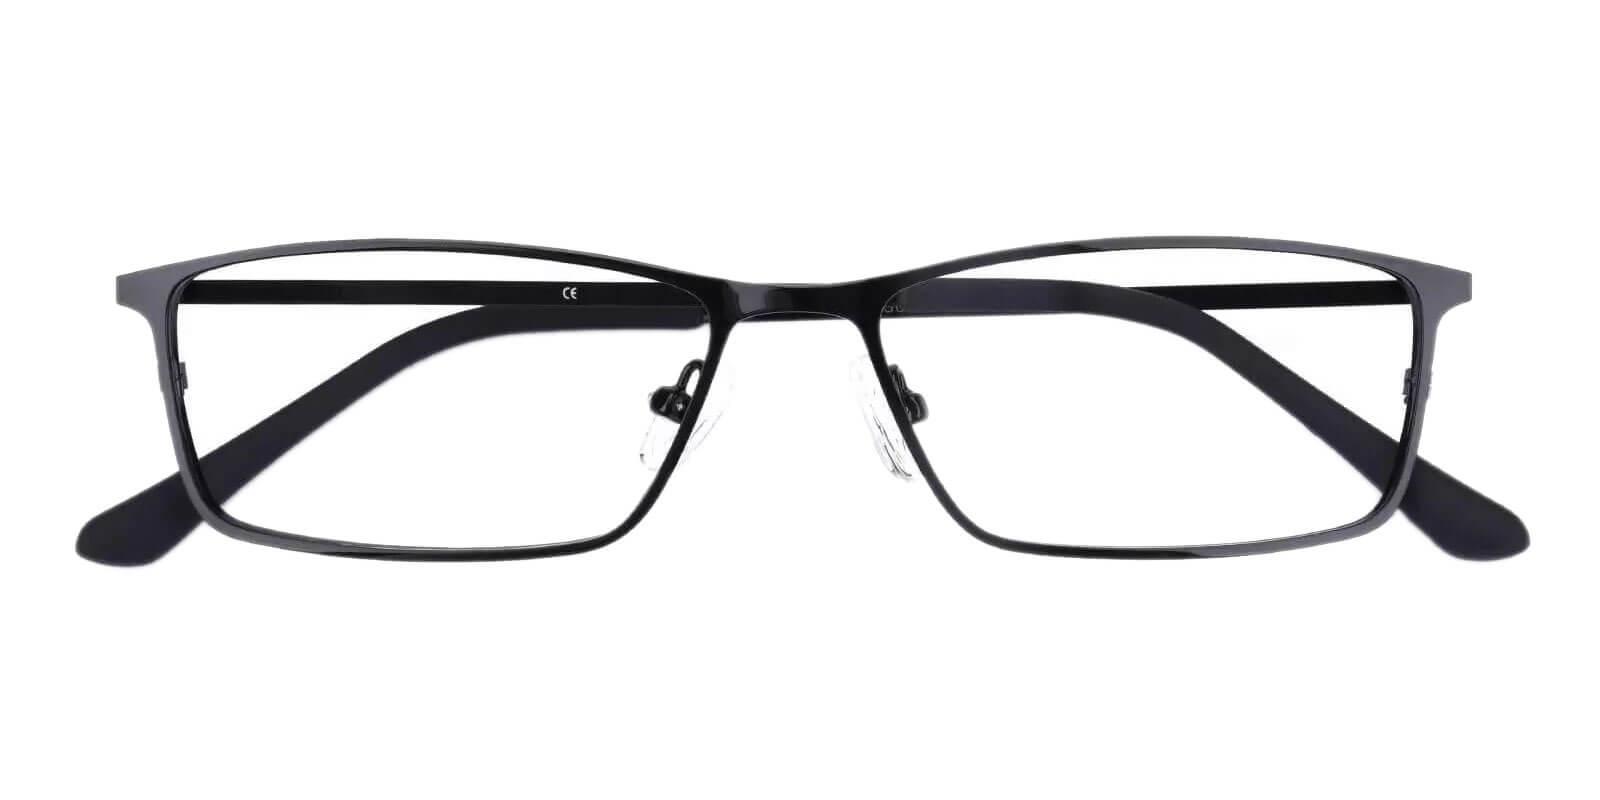 Wildersville Black Metal Eyeglasses , NosePads Frames from ABBE Glasses